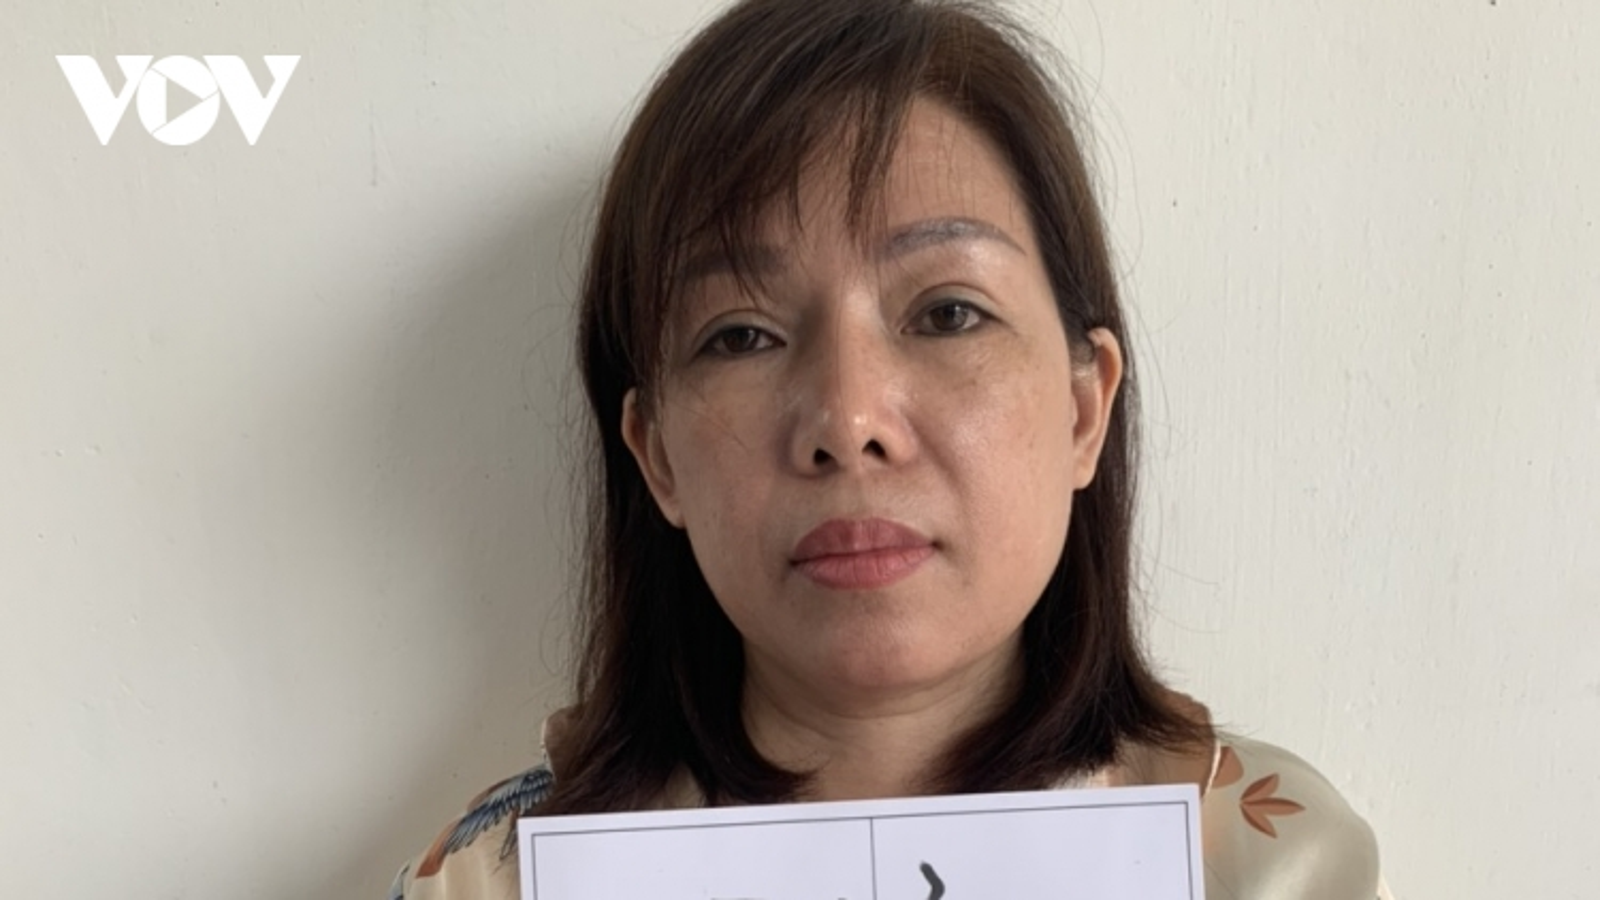 Quảng Ninh phát hiện đối tượng truy nã trong khu cách ly